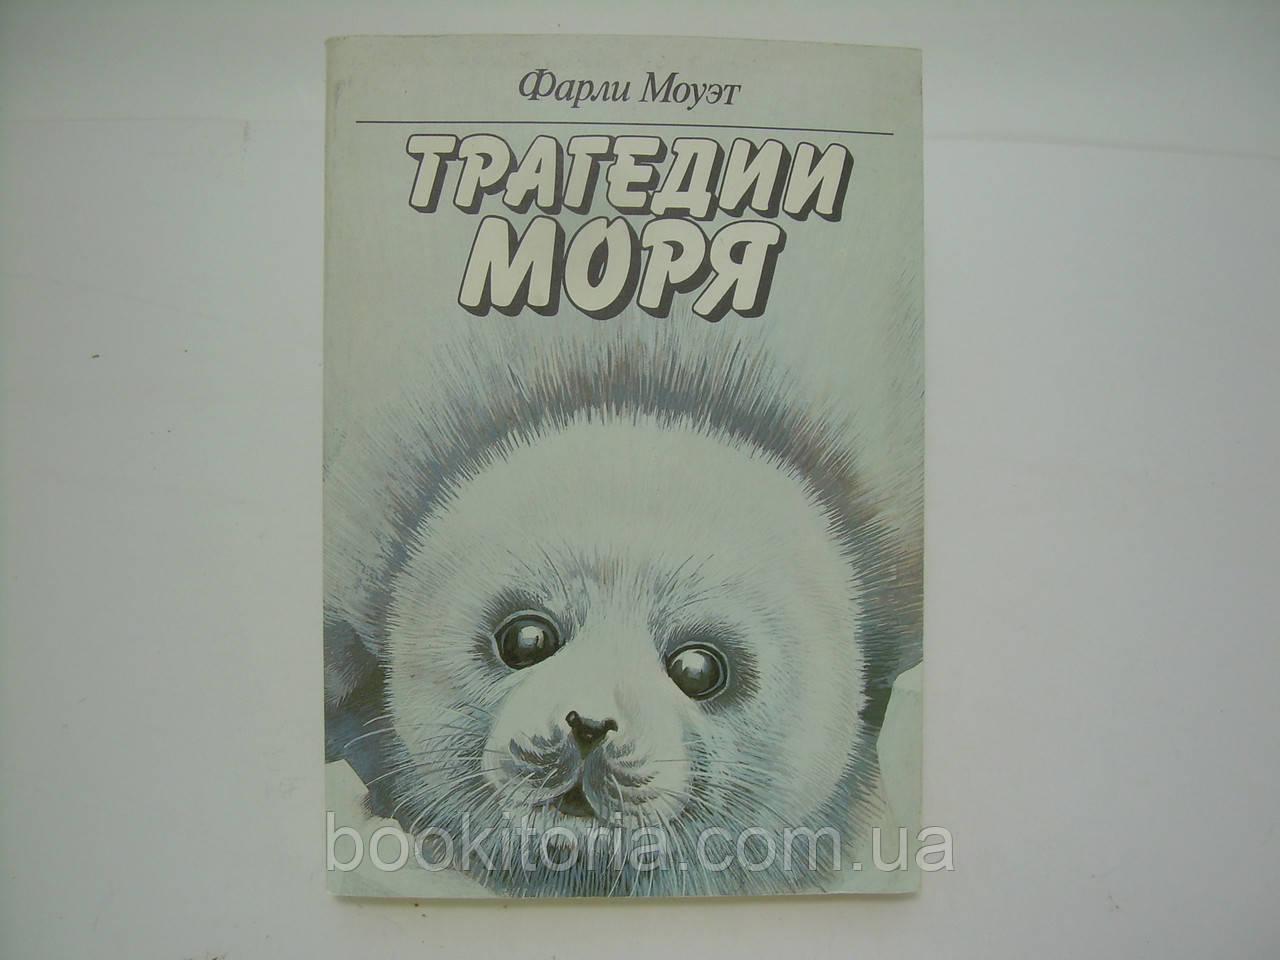 Моуэт Ф. Трагедии моря (б/у).